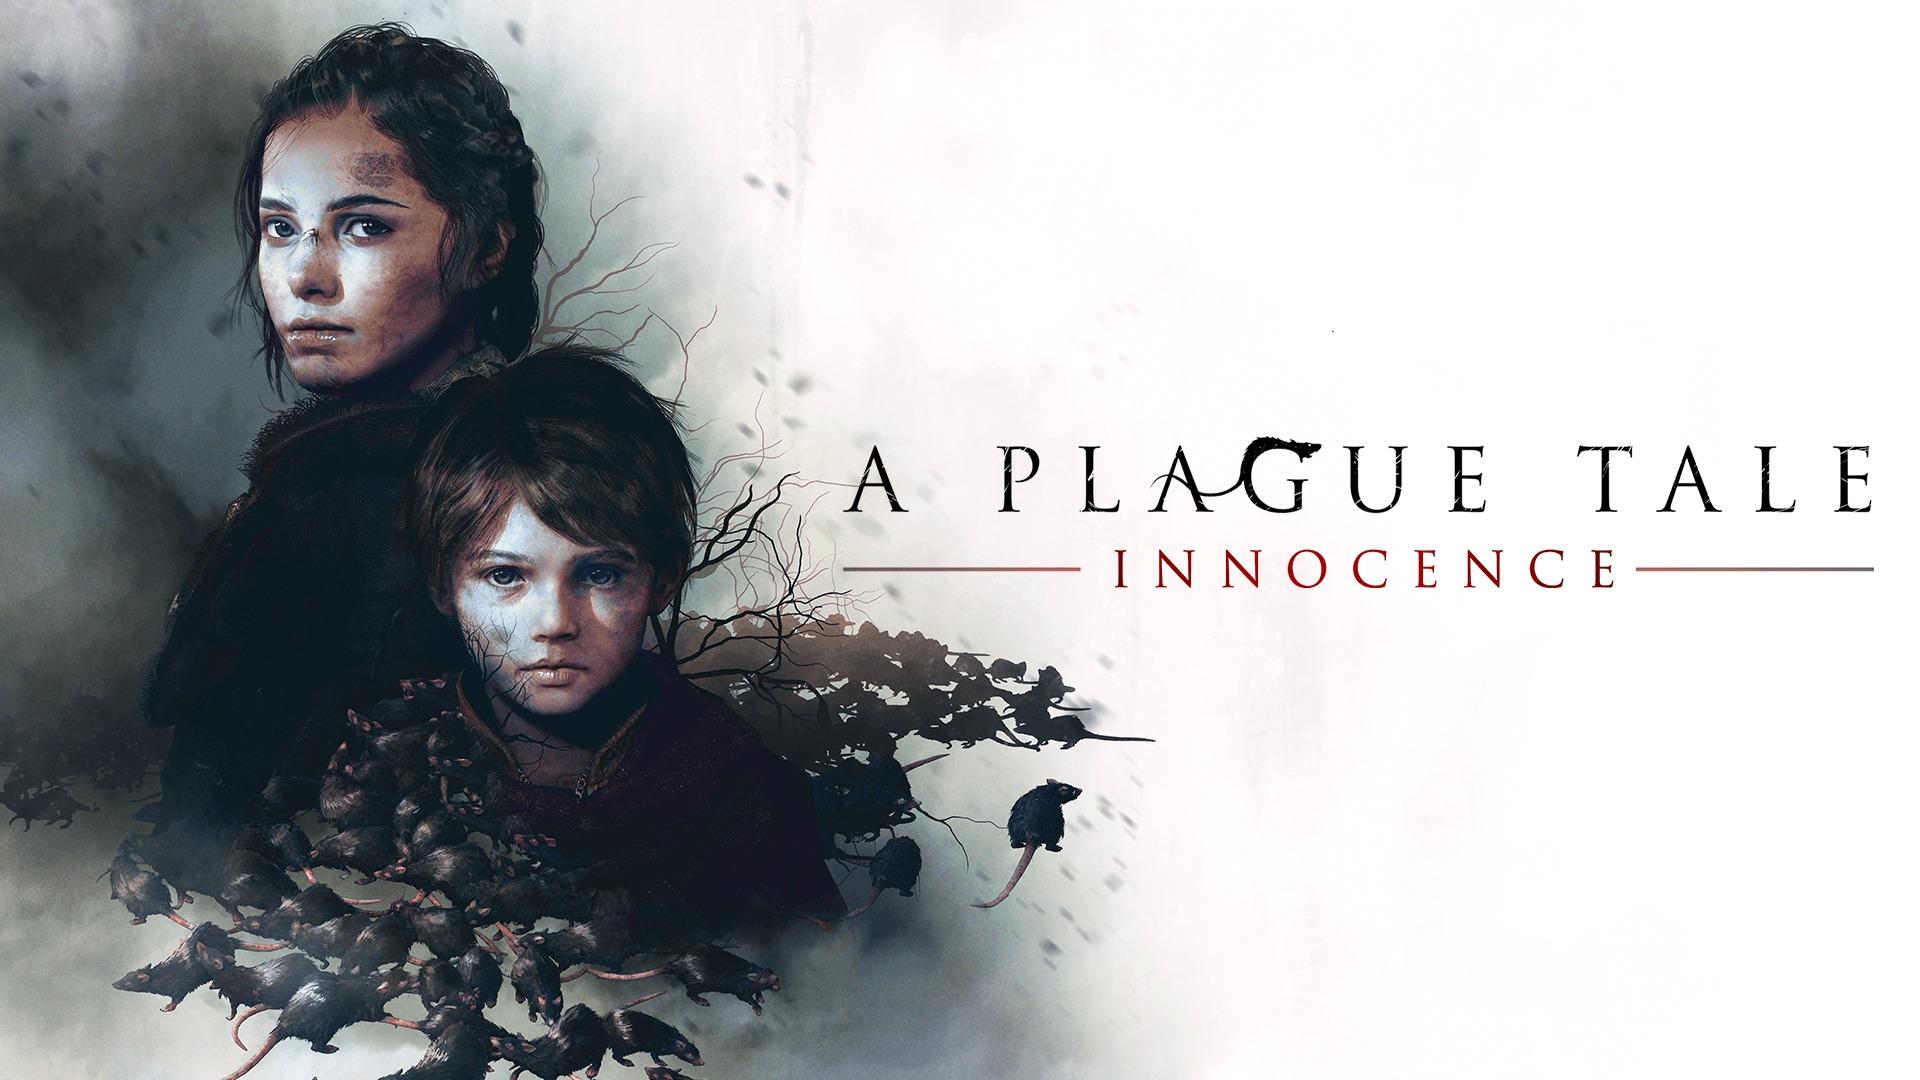 بازی A Plague tale Innocence اپیک گیمز